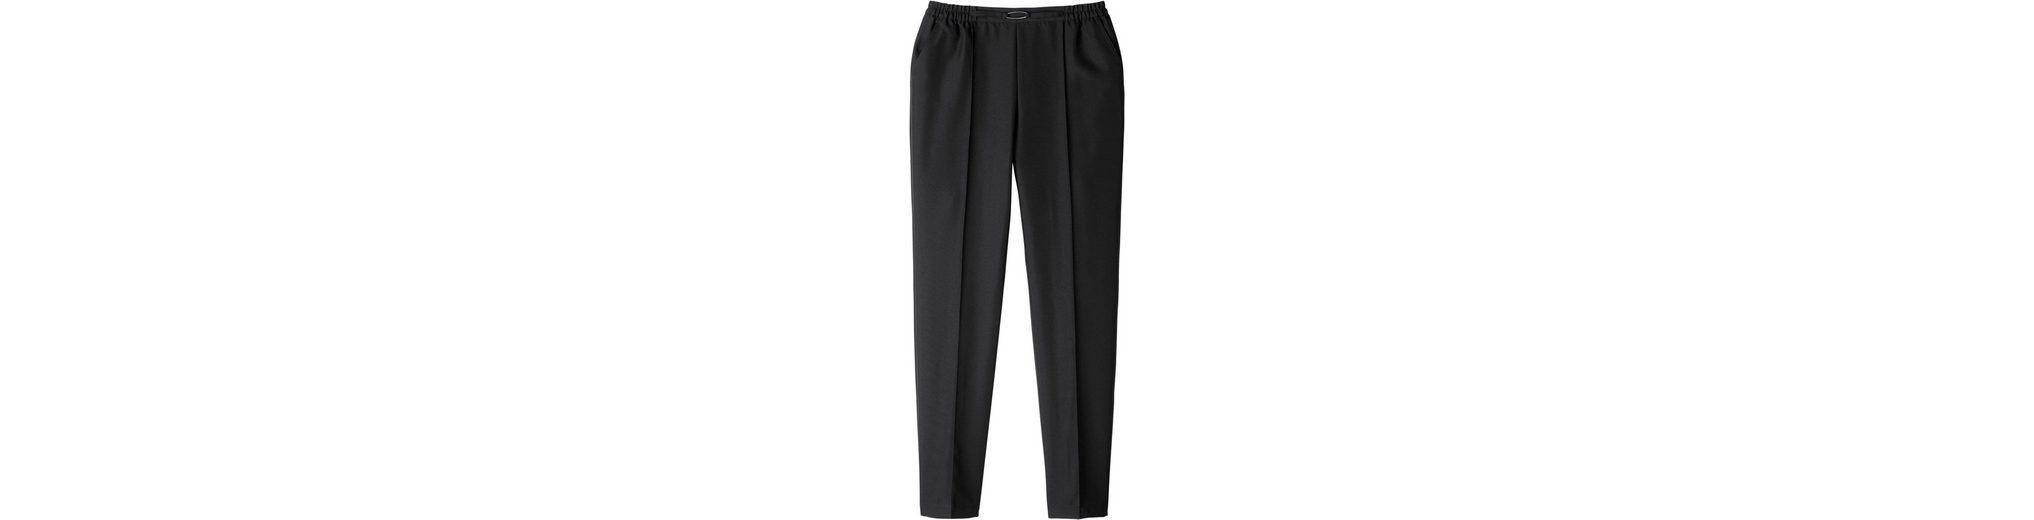 Classic Basics Hose mit silberfarbenem Zierelement Auslass Echt Günstig Kaufen Countdown-Paket Günstig Kaufen Eastbay MBcuwJPl